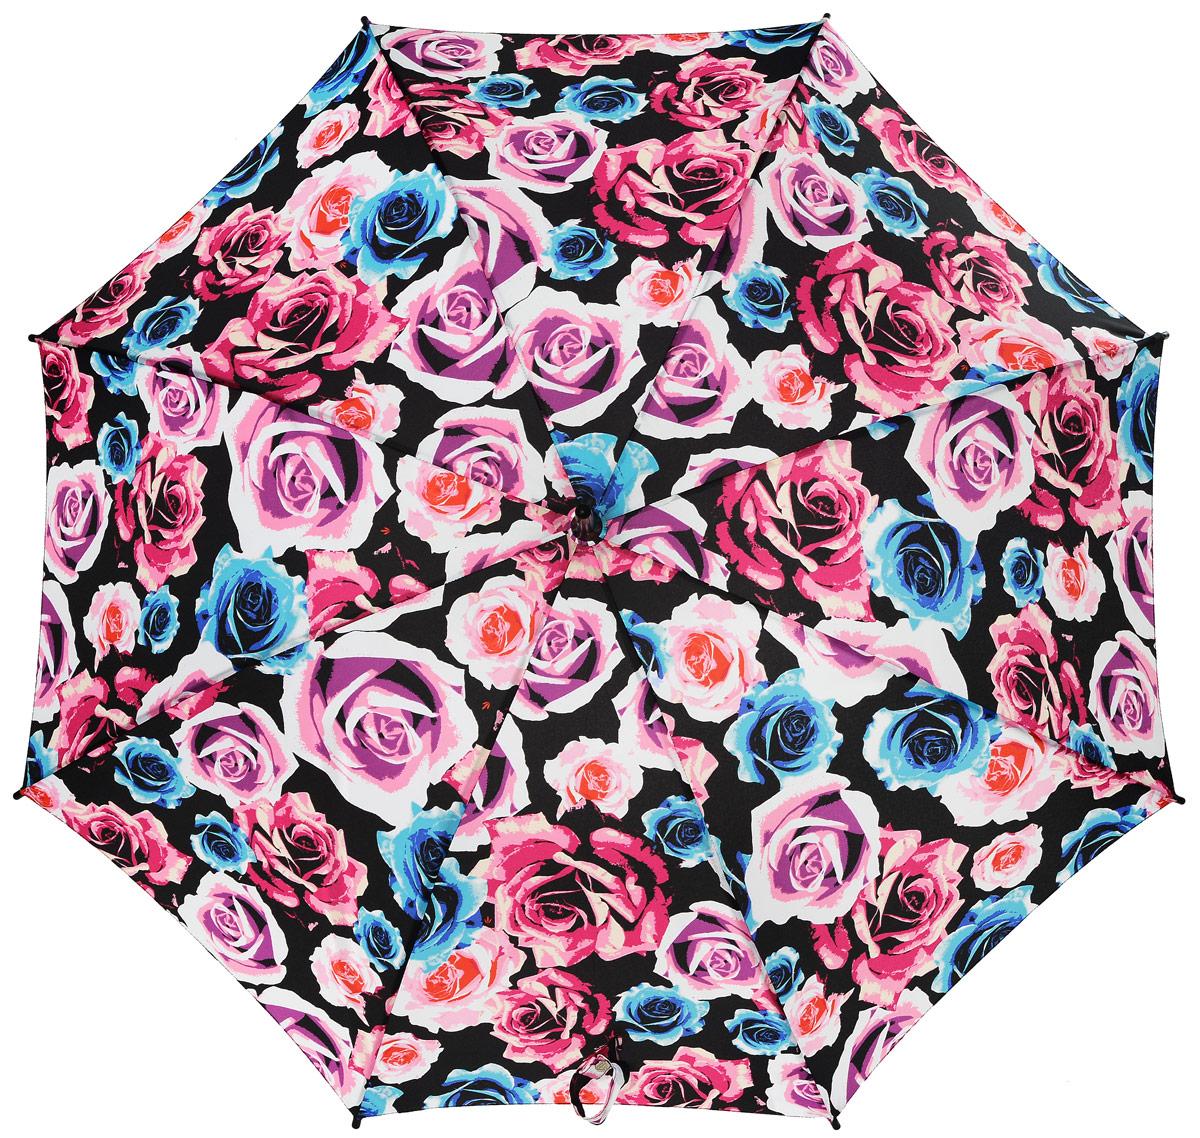 Зонт-трость женский Fulton, механический, цвет: черный, розовый. L056-3040CX1516-50-10Стильный зонт-трость Fulton даже в ненастную погоду позволит вам оставаться стильной и элегантной. Каркас зонта включает 8 спиц из фибергласса и состоит из стержня, изготовленного из прочной и ветроустойчивой стали. Купол зонта выполнен из высококачественного полиэстера.Рукоятка закругленной формы, разработанная с учетом требований эргономики, изготовлена из натурального дерева.Зонт механического сложения: купол открывается и закрывается вручную до характерного щелчка. Такой зонт не только надежно защитит вас от дождя, но и станет стильным аксессуаром, который идеально подчеркнет ваш неповторимый образ.